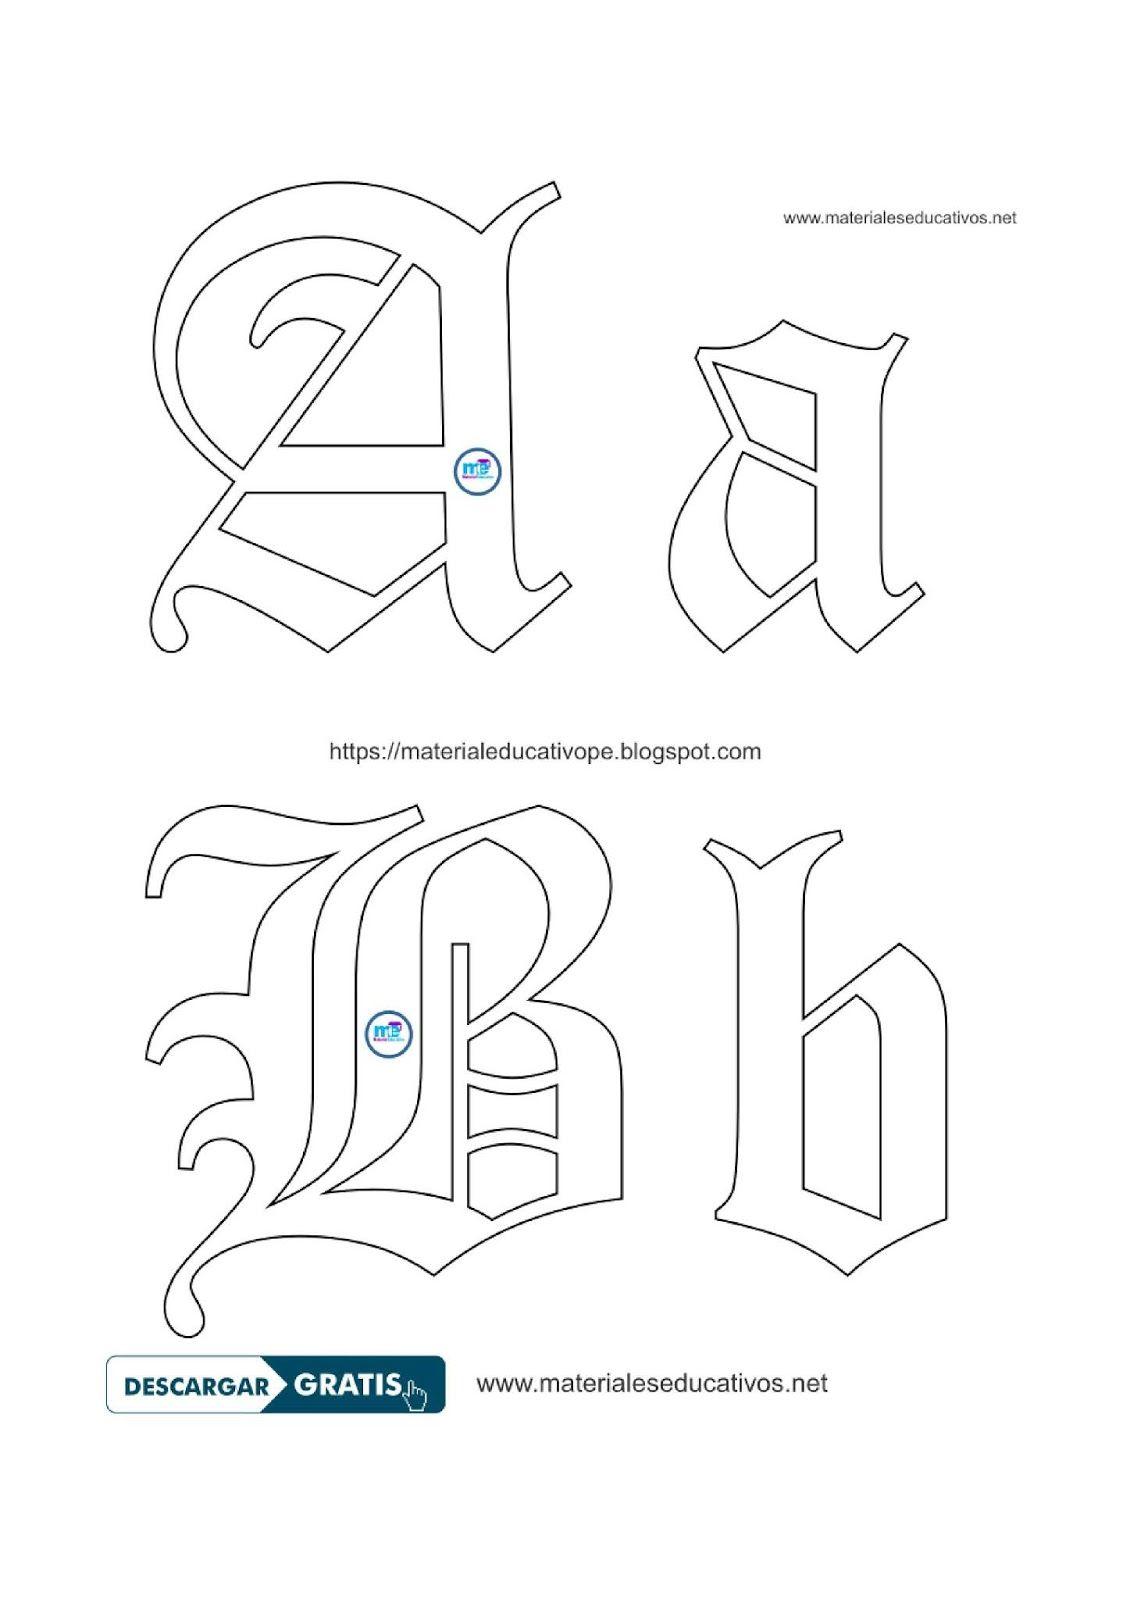 Moldes Plantillas Letras Goticas Letras Goticas Mayusculas Moldes De Letras Letras Mayusculas Y Minusculas